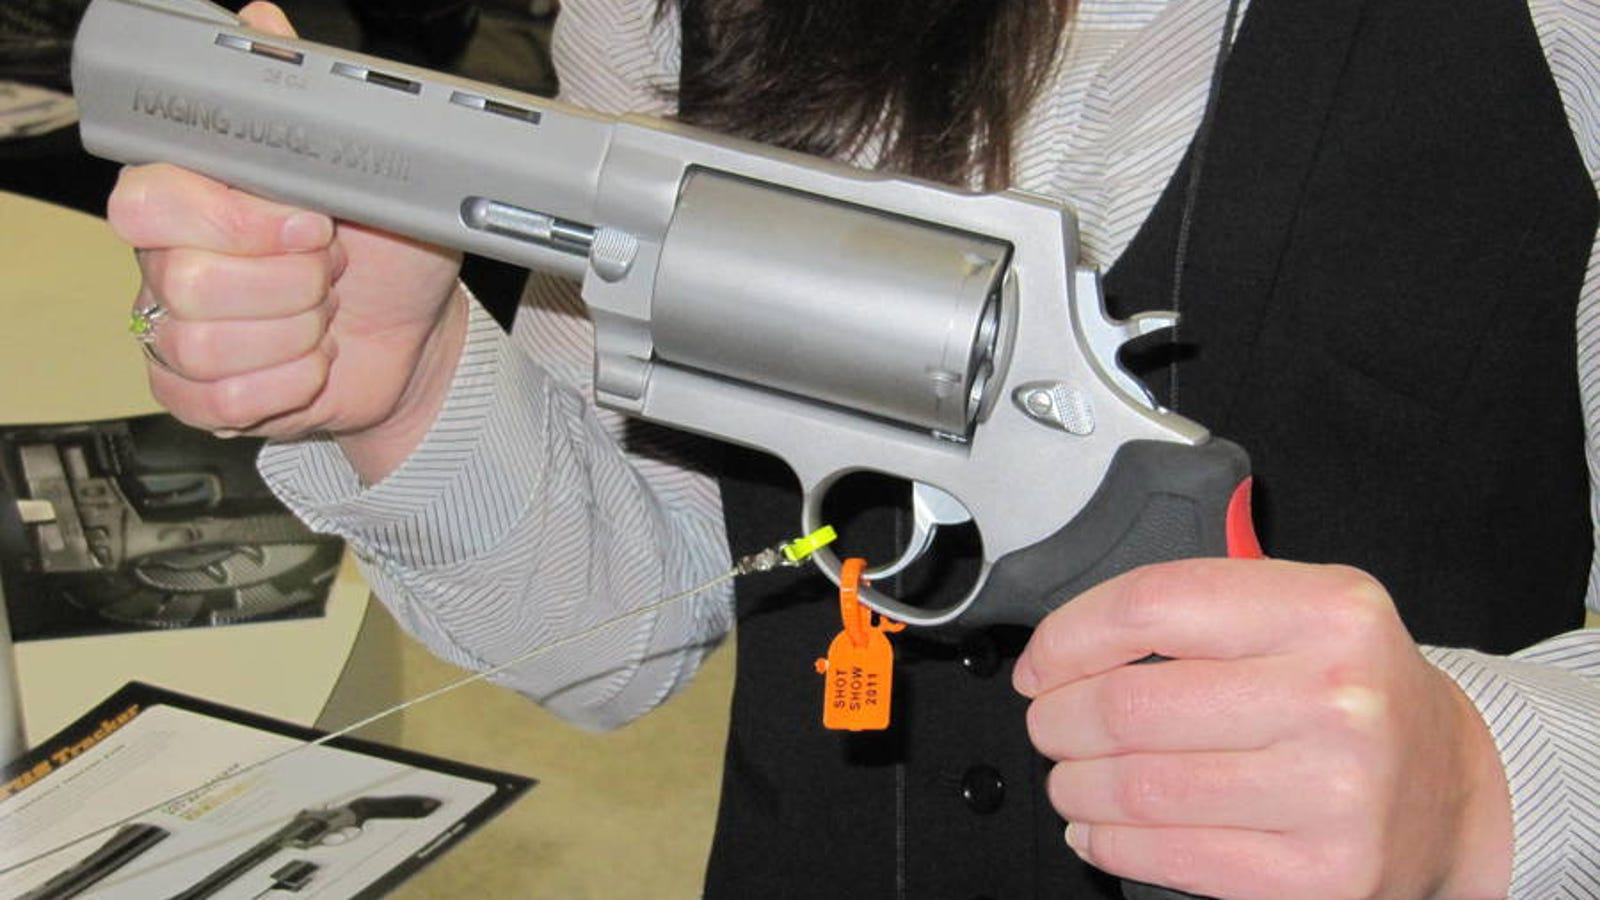 Pistol using shotgun shells